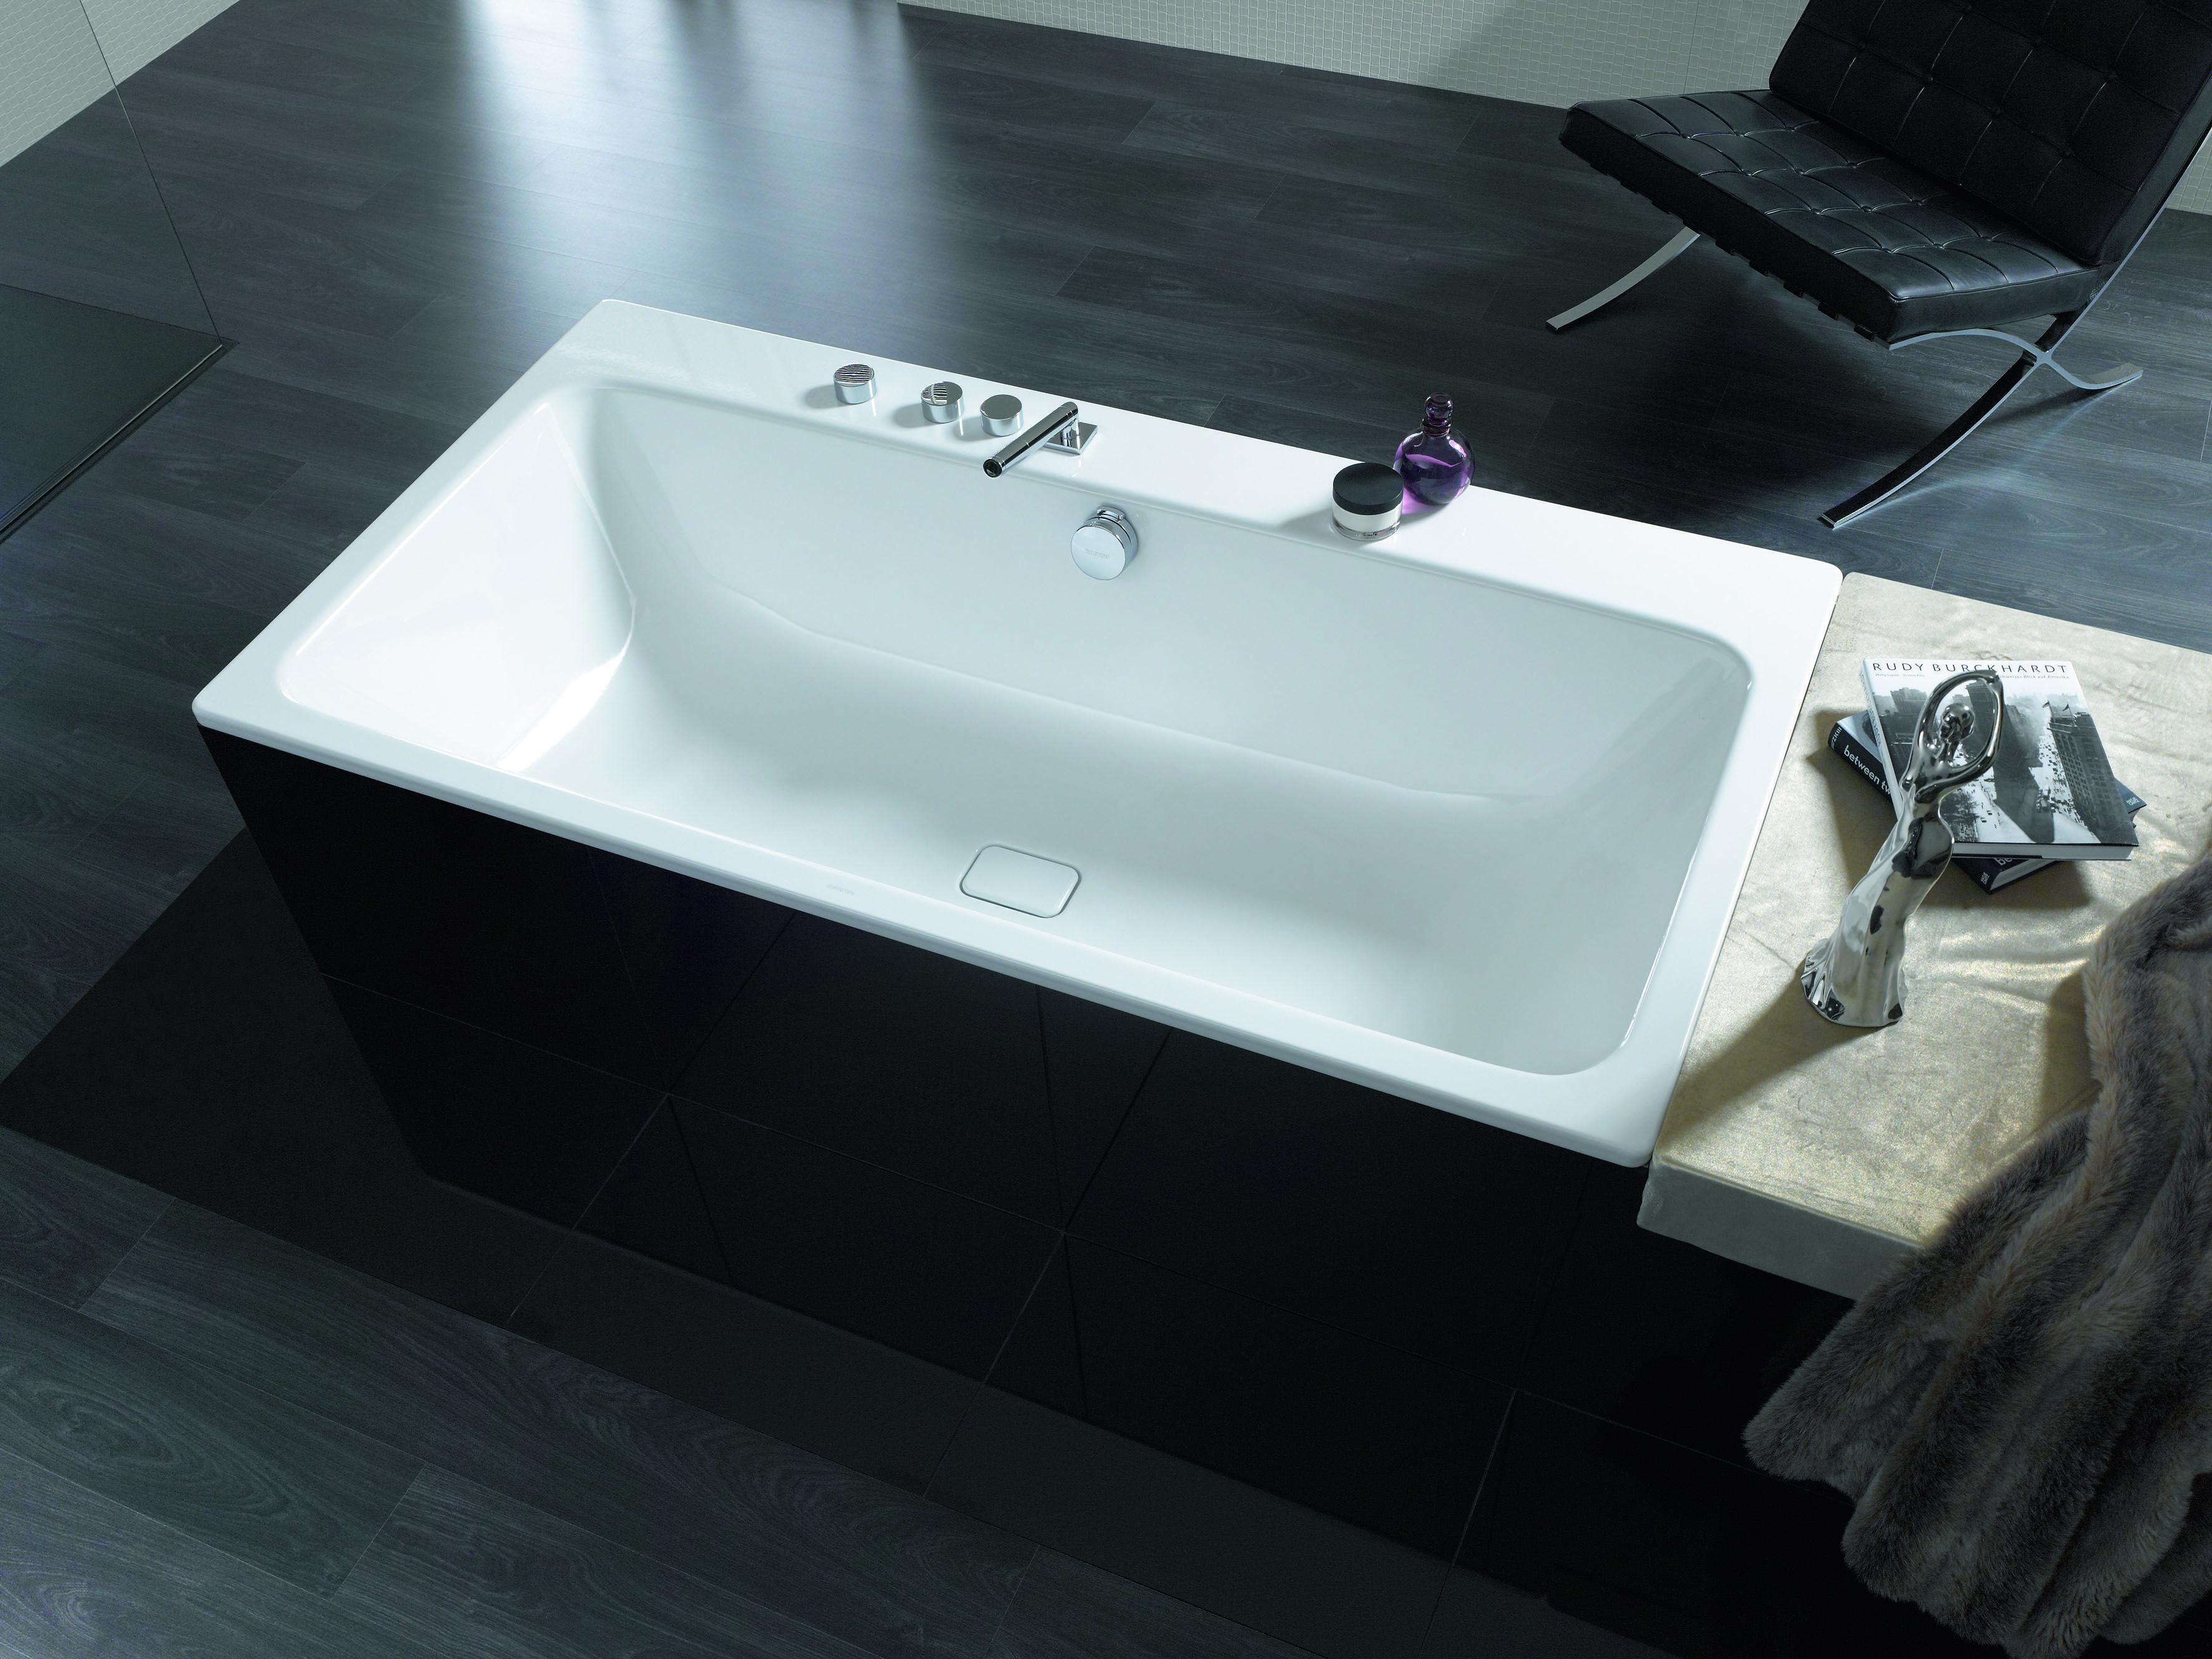 Kaldewei Asymmetric Duo Large Broad Bathtub Kaldewei Badewanne Wanne